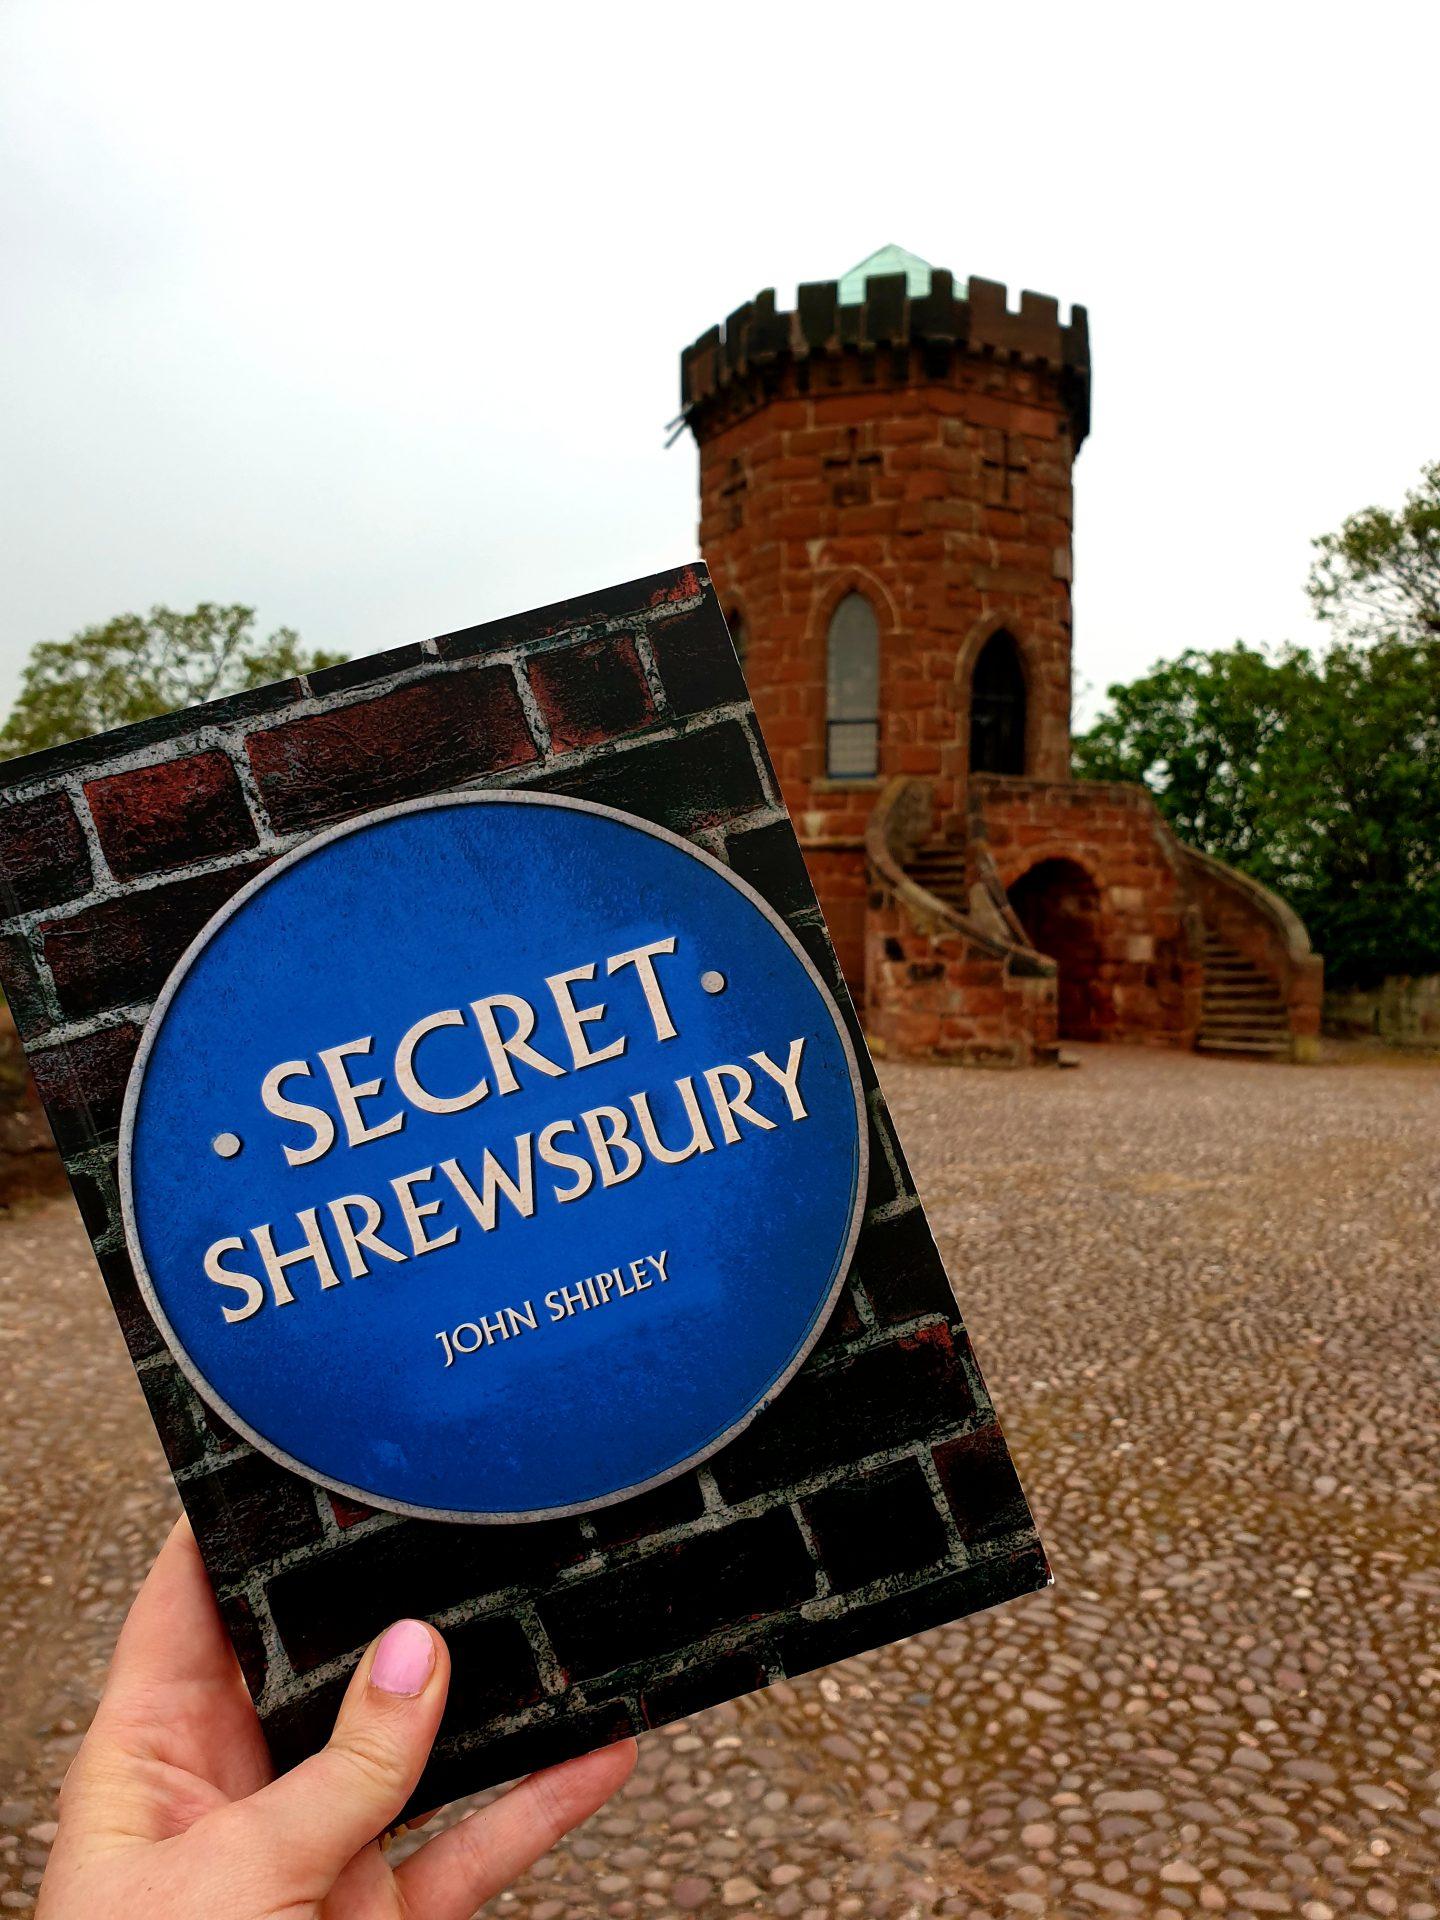 Secret Shrewsbury Laura's Tower